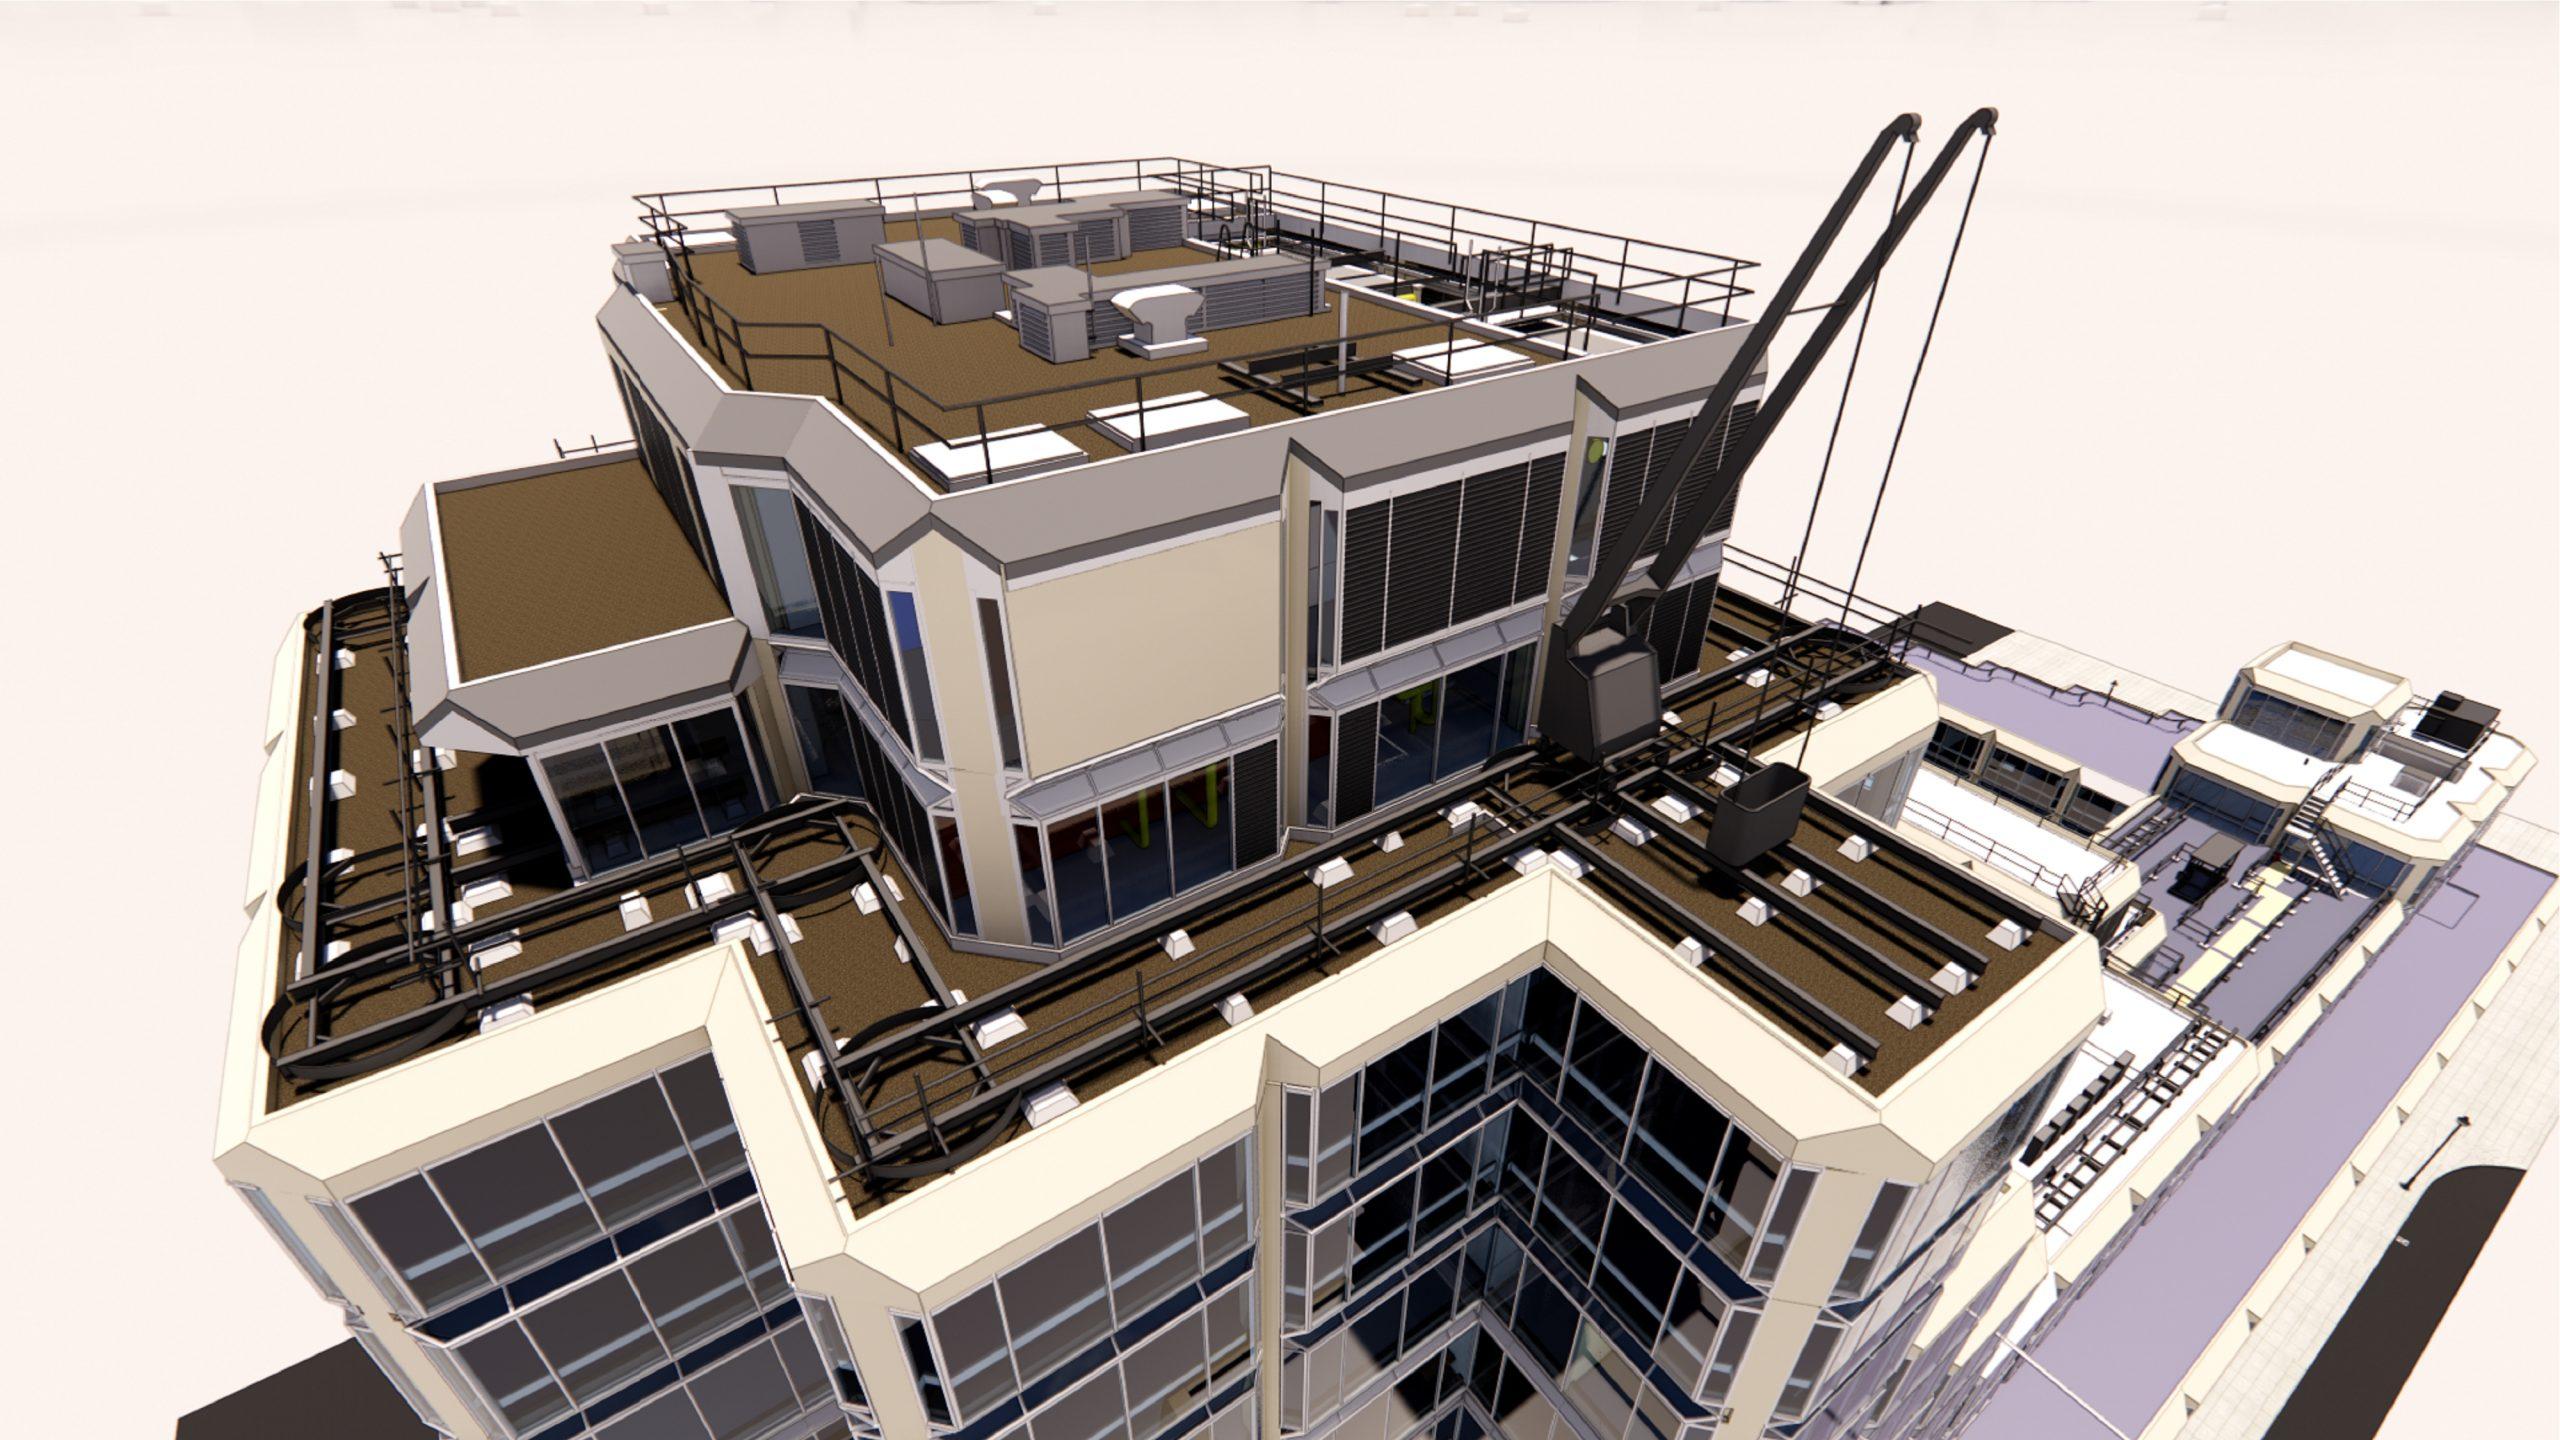 John Lewis Headquarters detail rendering